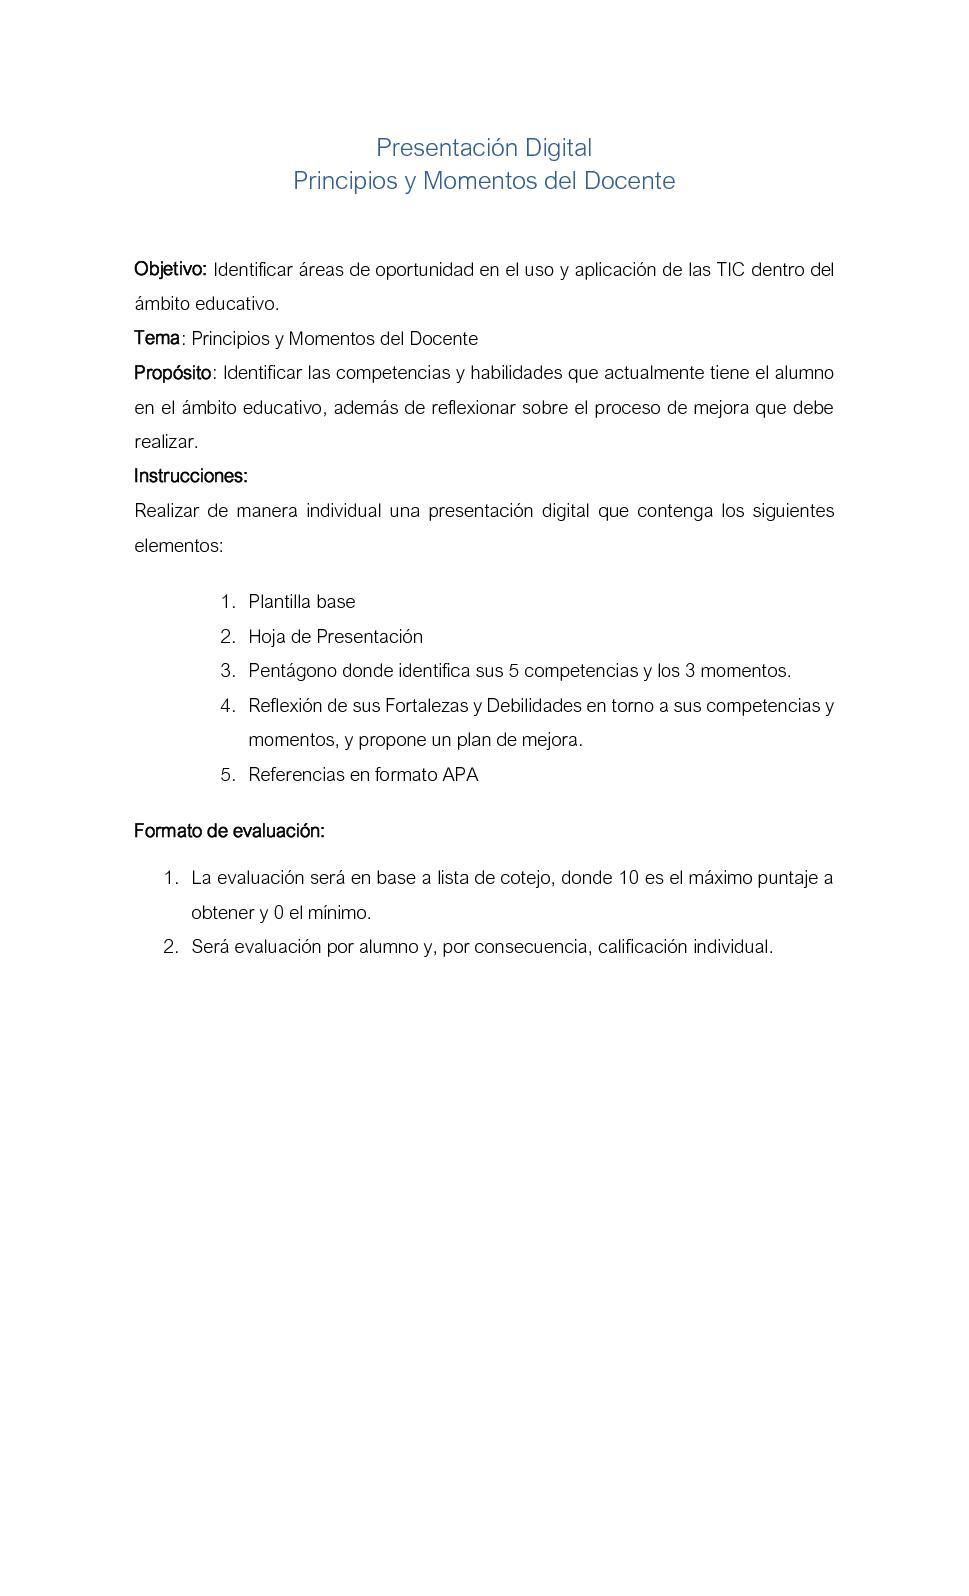 Calaméo - Lista Cotejo Principios Momentos